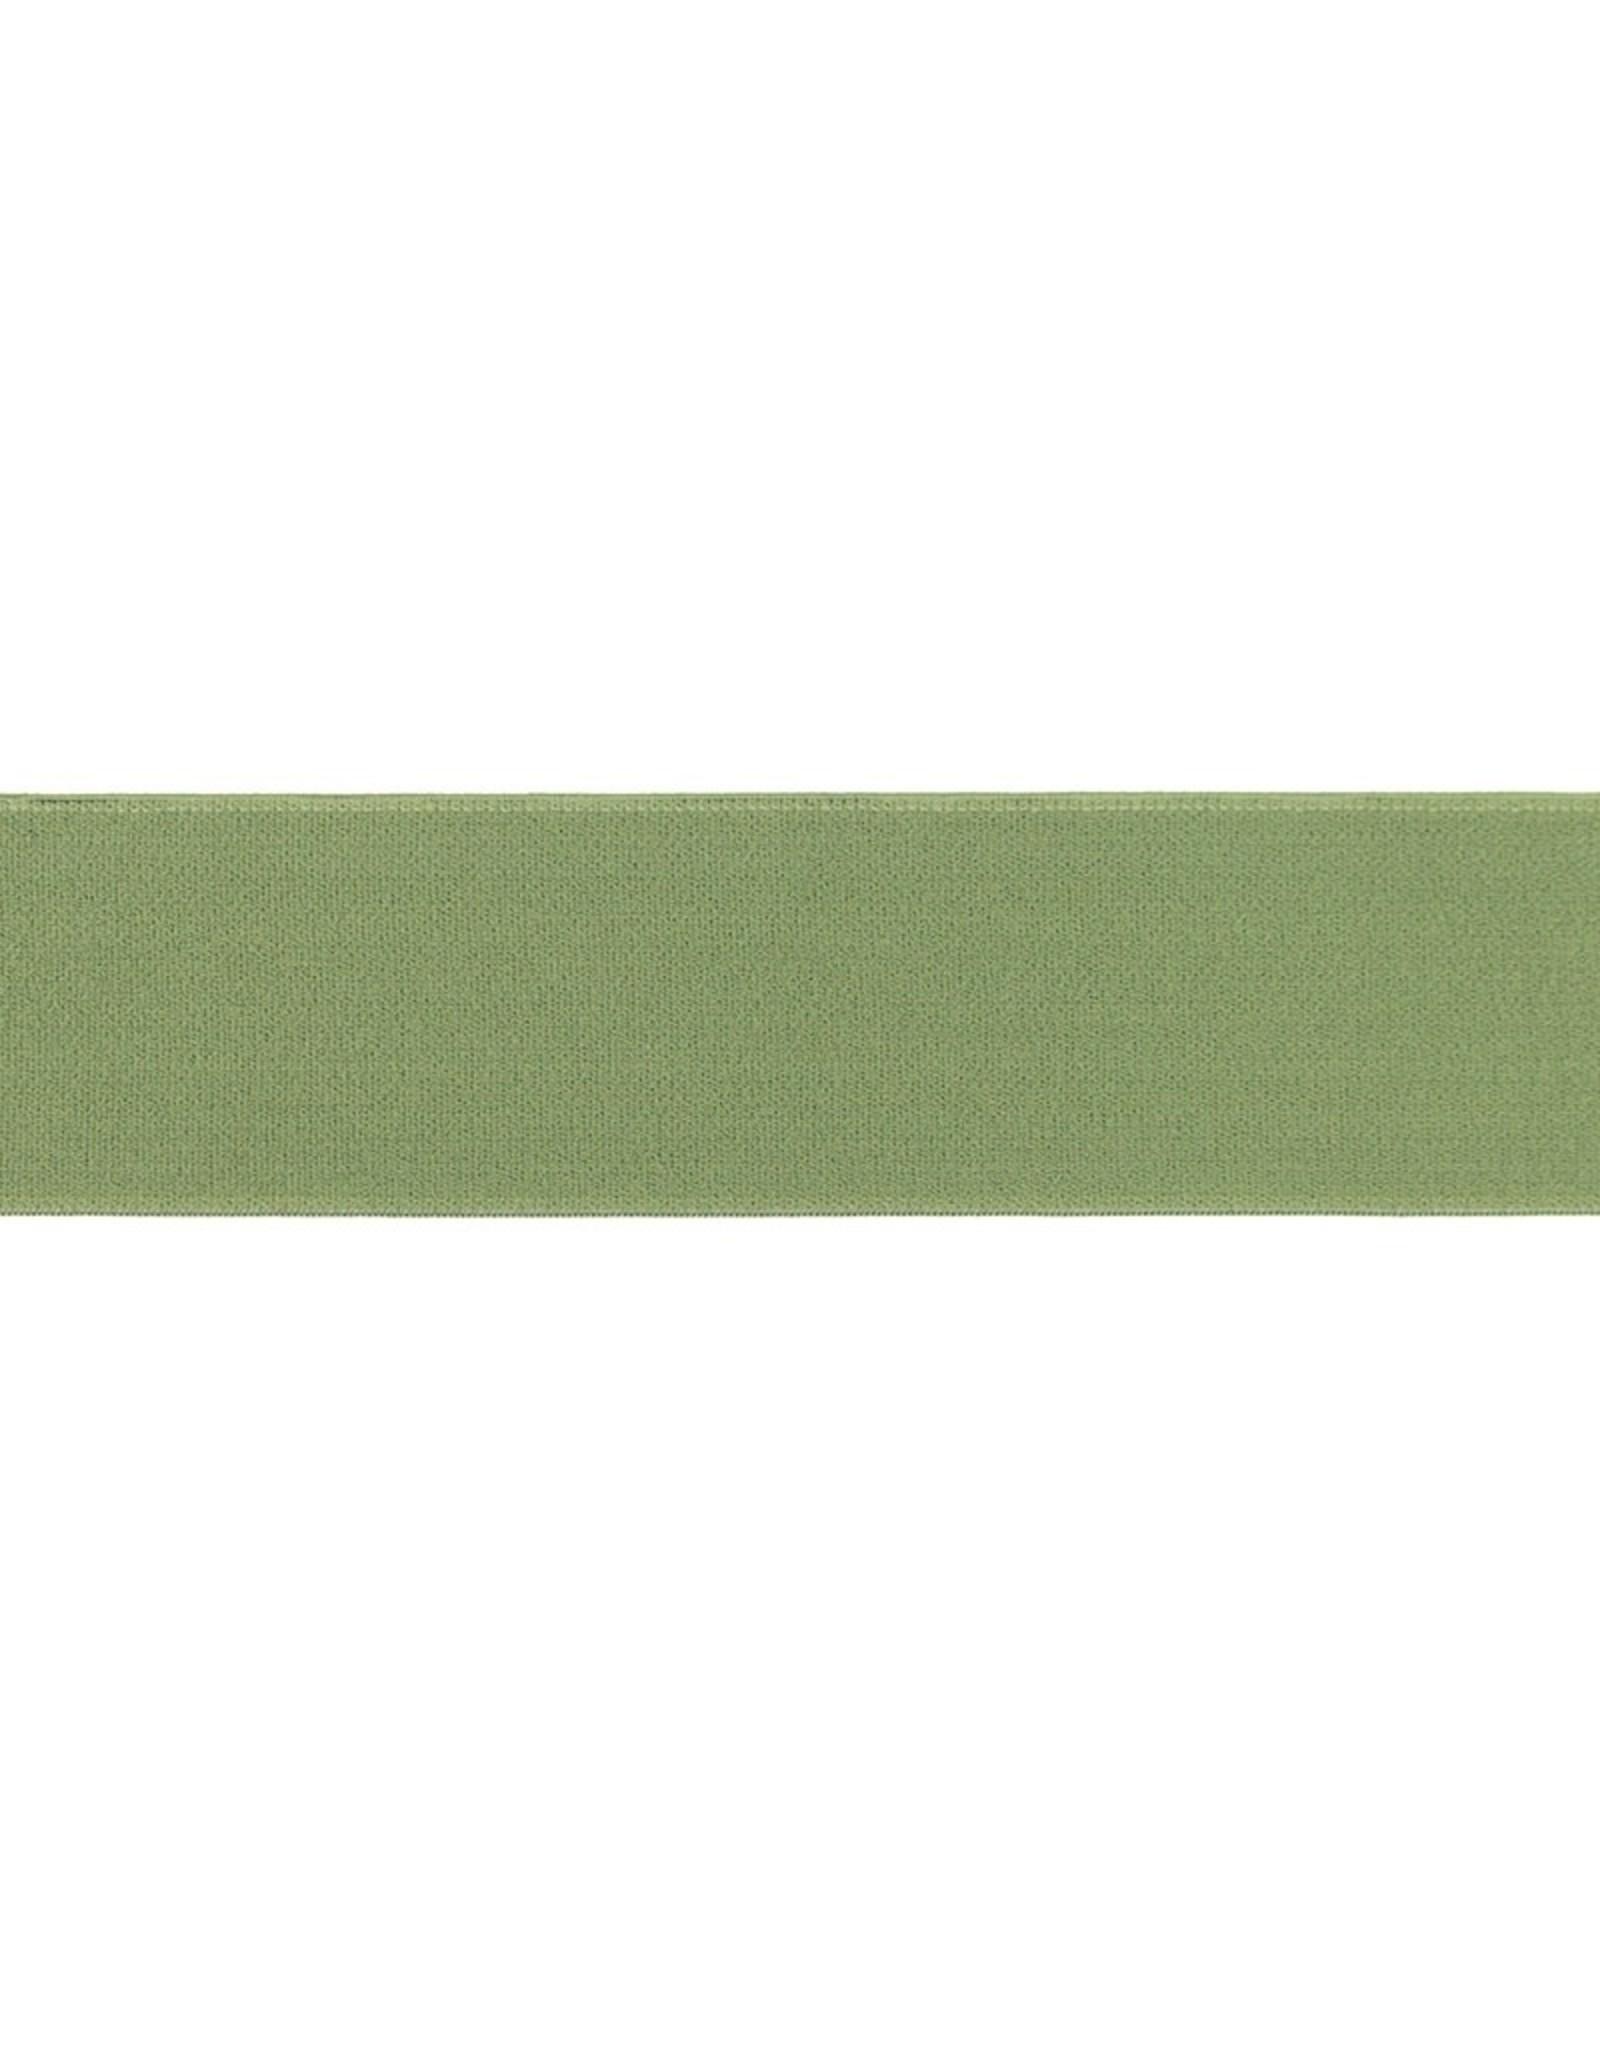 Soft elastiek 40mm - Olijfgroen